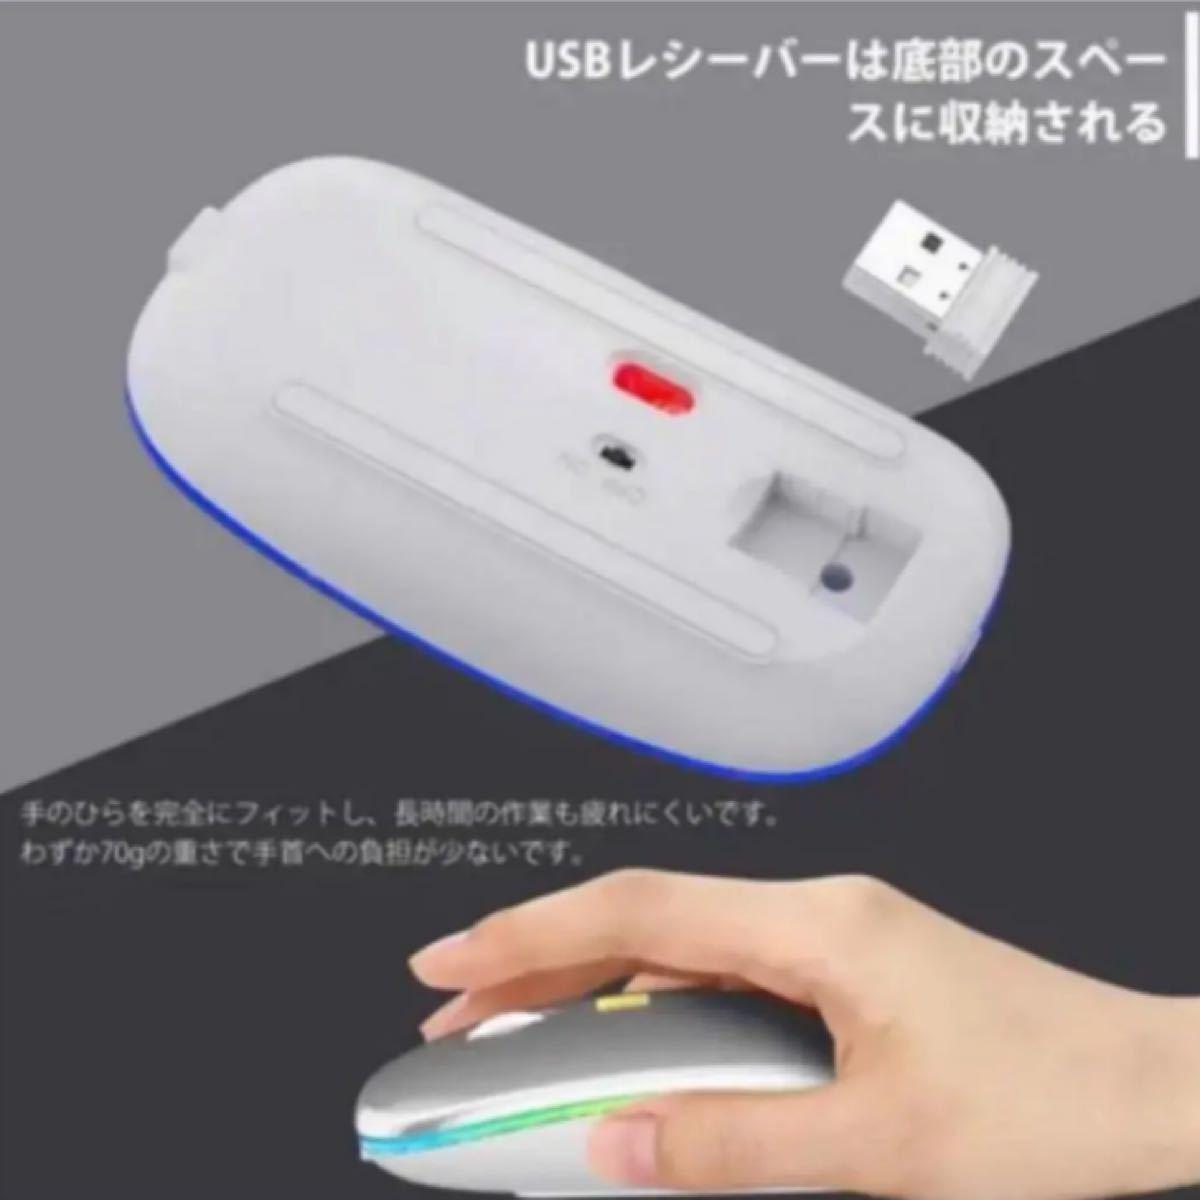 【最新版】ワイヤレスマウス 静音 超軽量 USB 薄型 (シルバー)